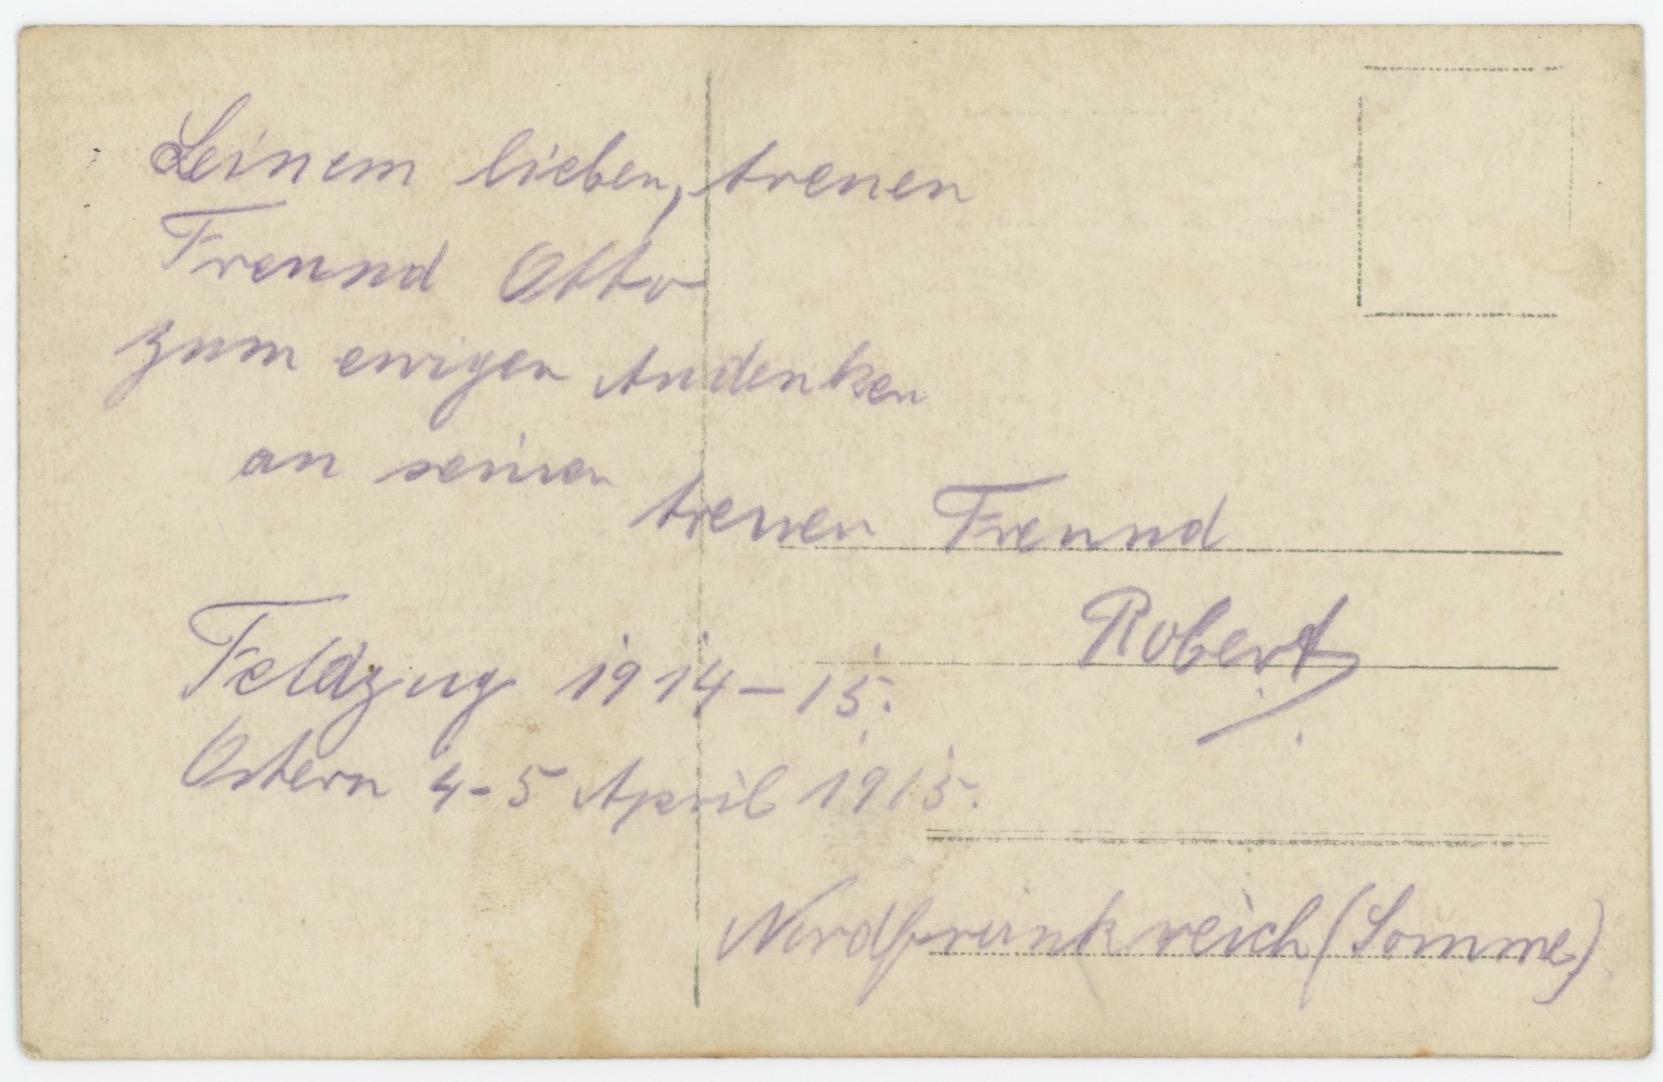 Carte Ancienne Photographie - Guerre 14/18 - Armée Allemande - Artillerie Canon - Alsacien - Conscription - Prusse Campagne 1914/1915 - Somme Avril 1915